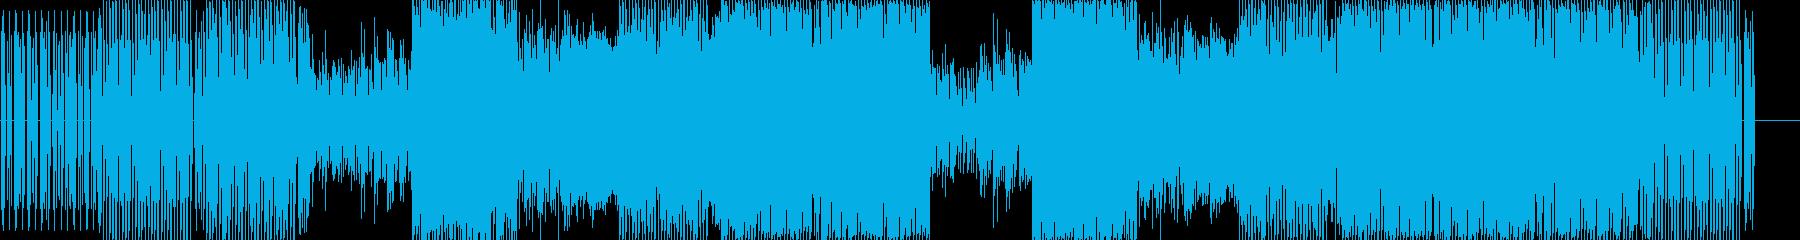 シンセメロディの再生済みの波形